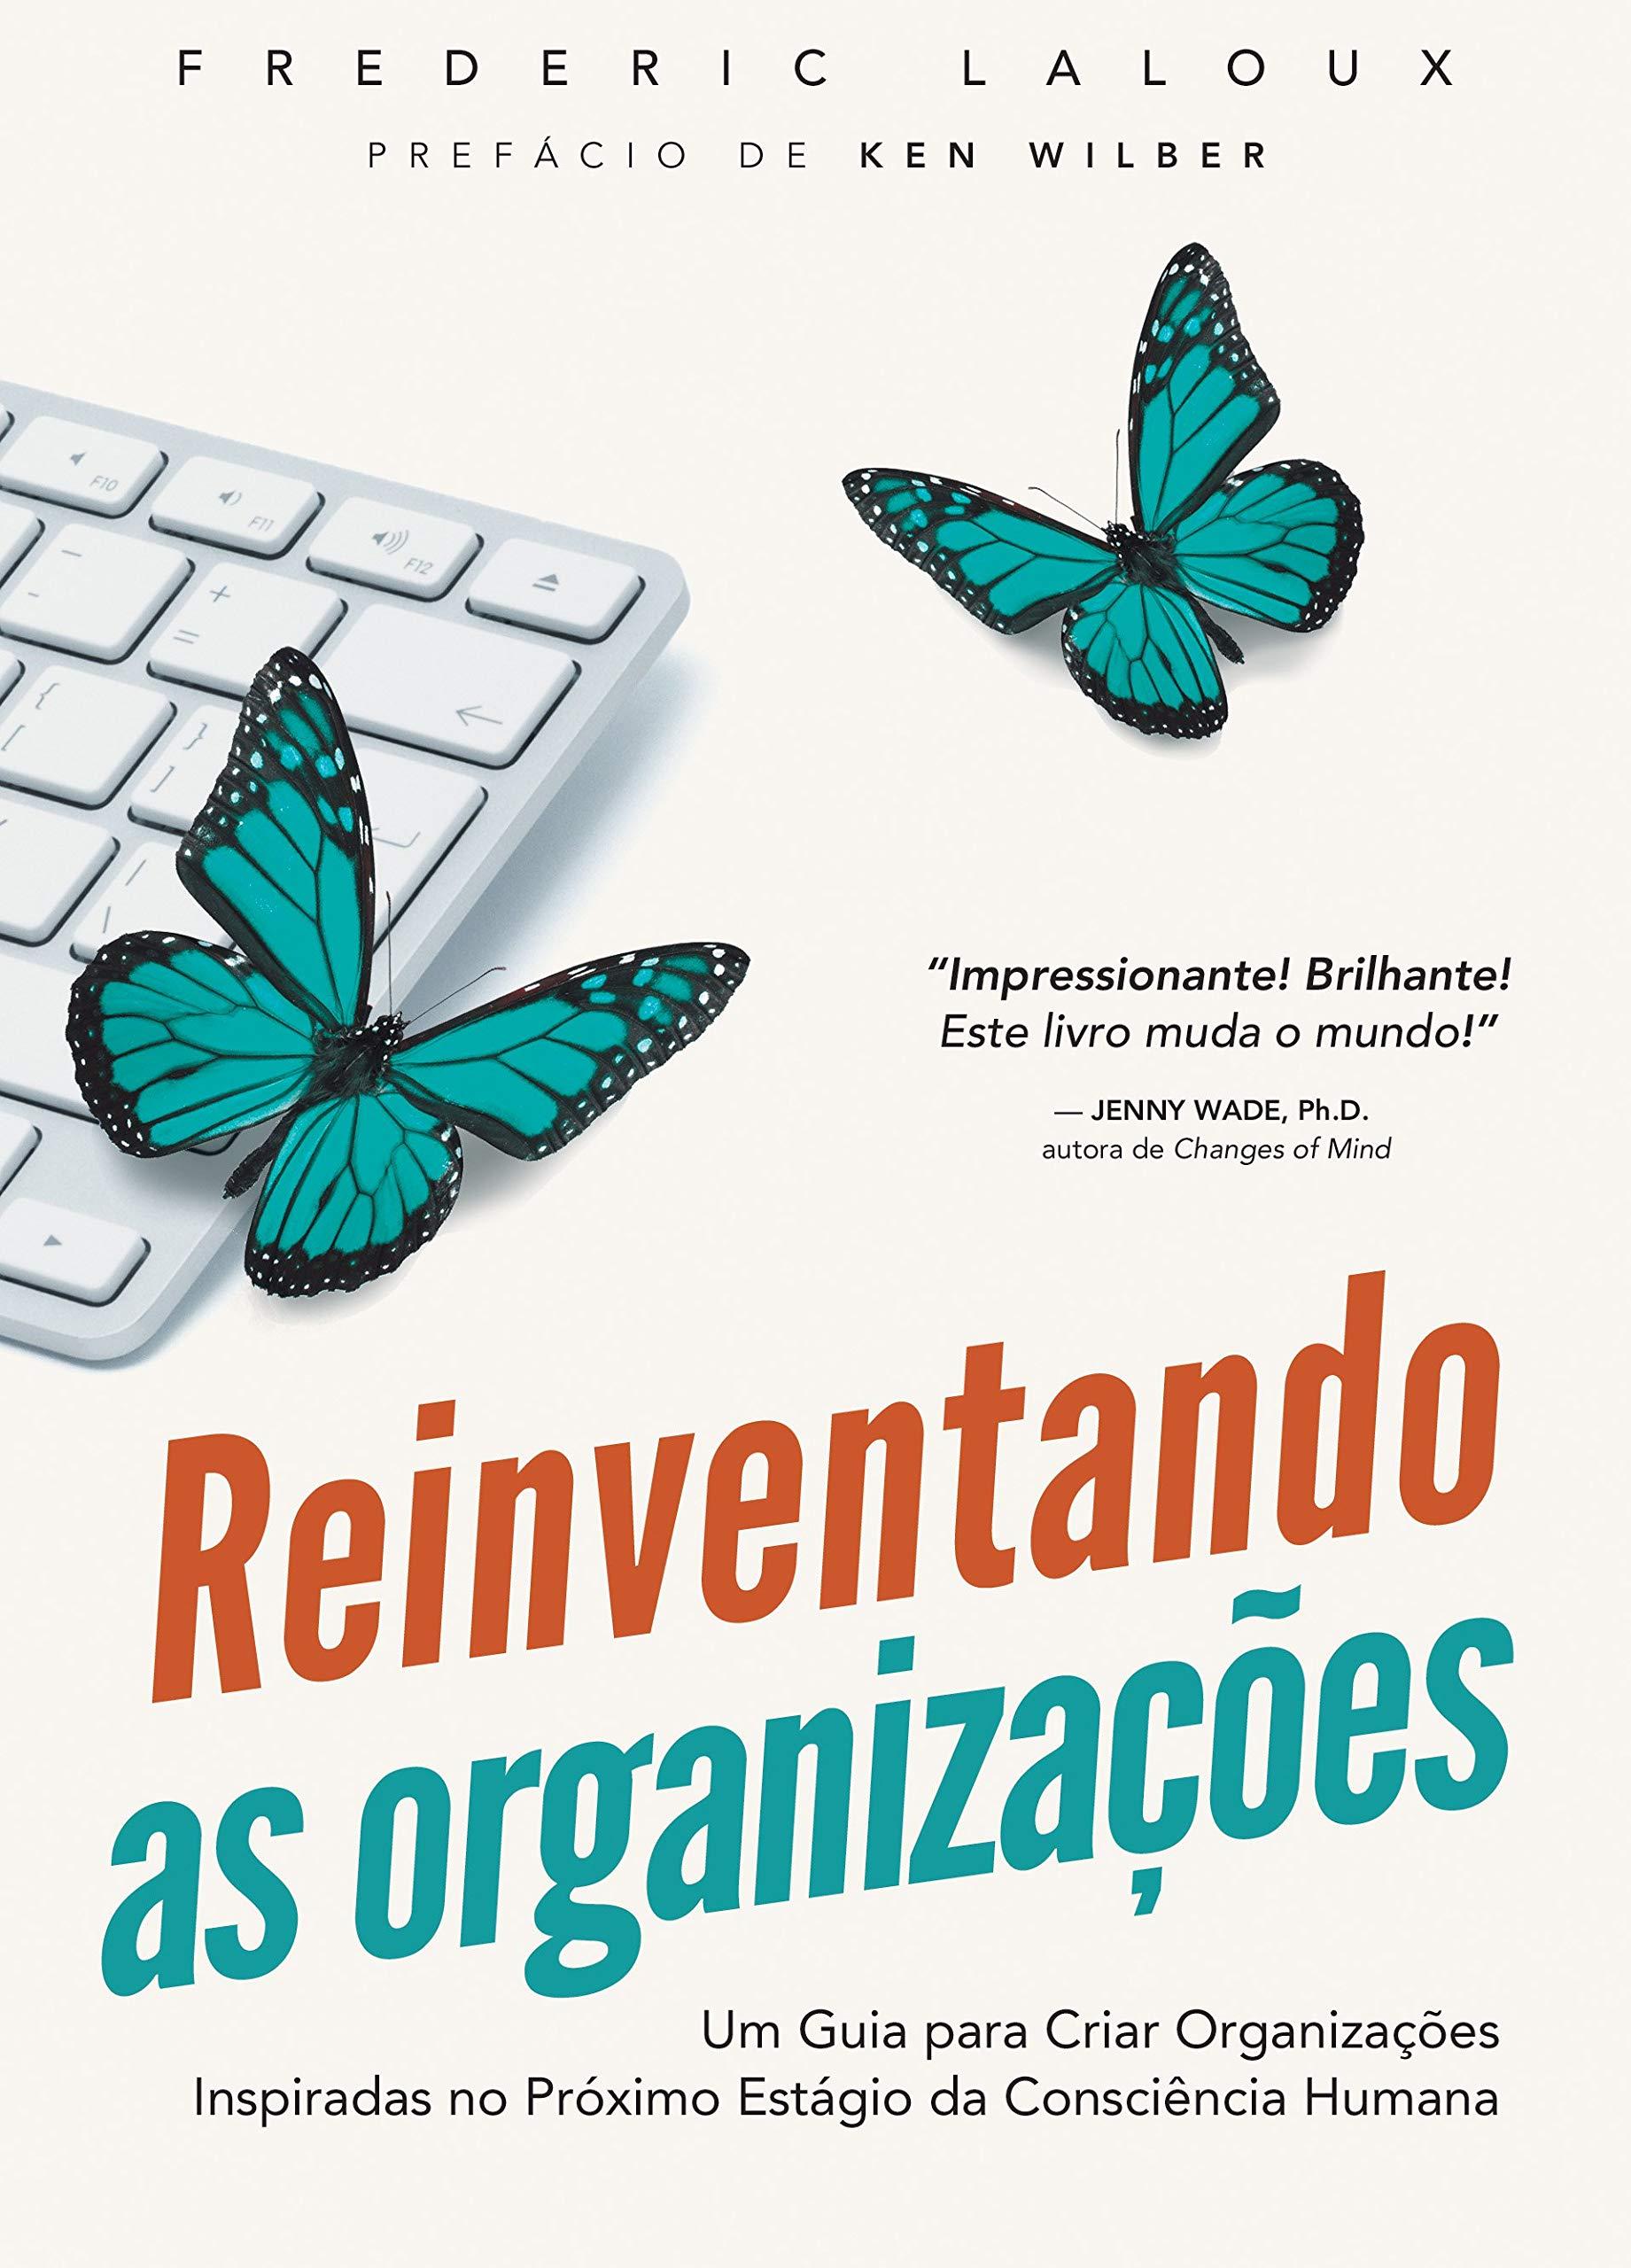 """Capa do livro """"Reinventando as organizações"""", de Frederic Laloux."""